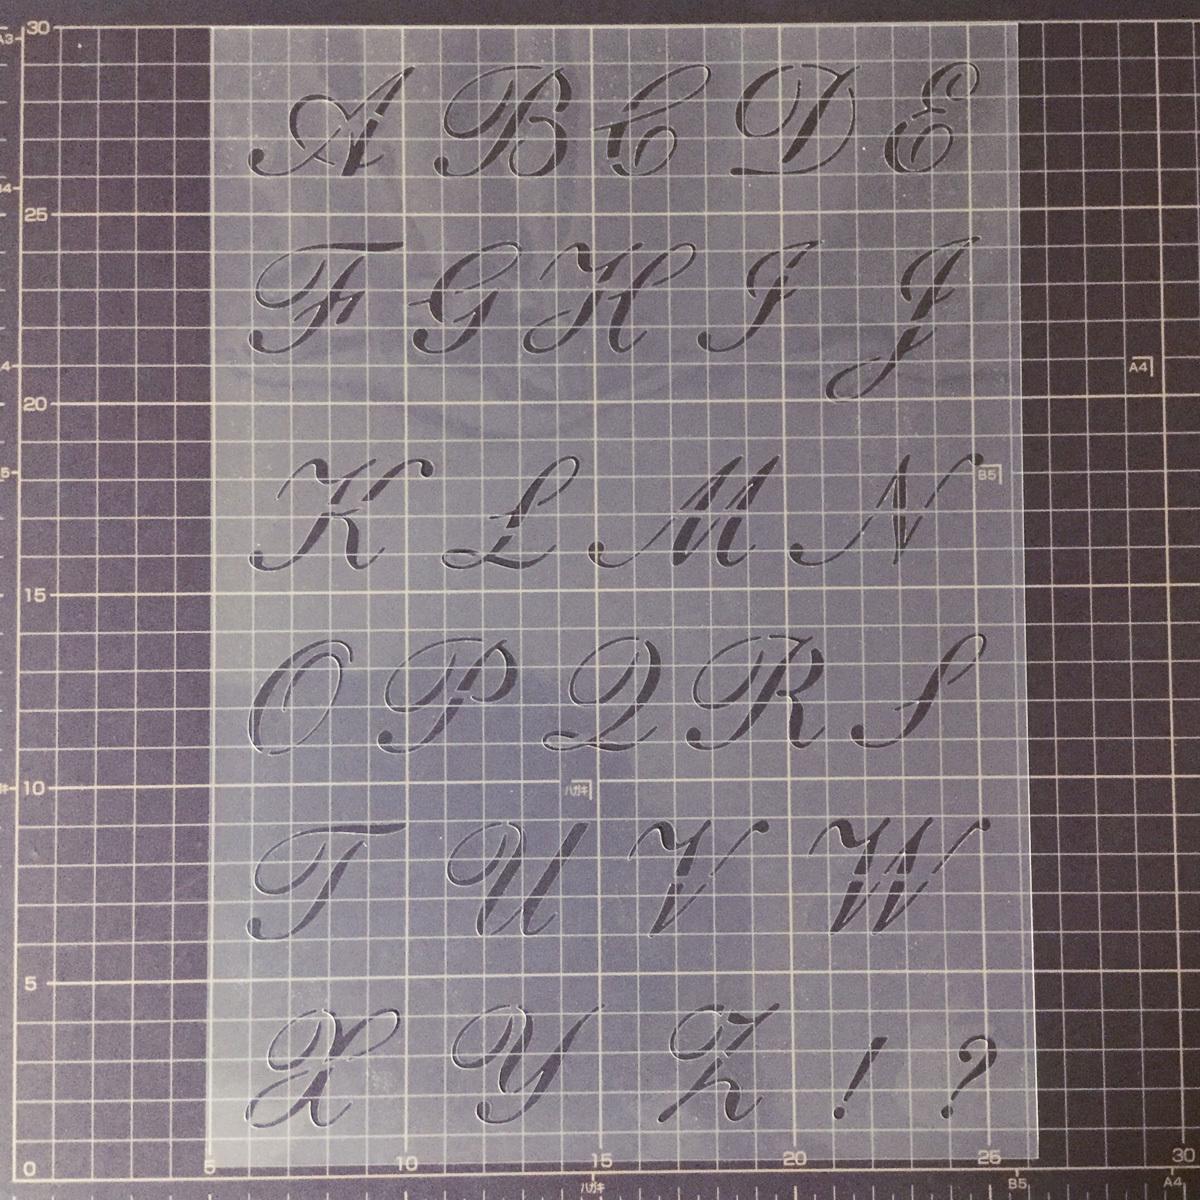 スクリプト欧文書体①番 アルファベット 大文字 サイズ縦3センチ基準 sb1 ステンシルシート NO121_画像4